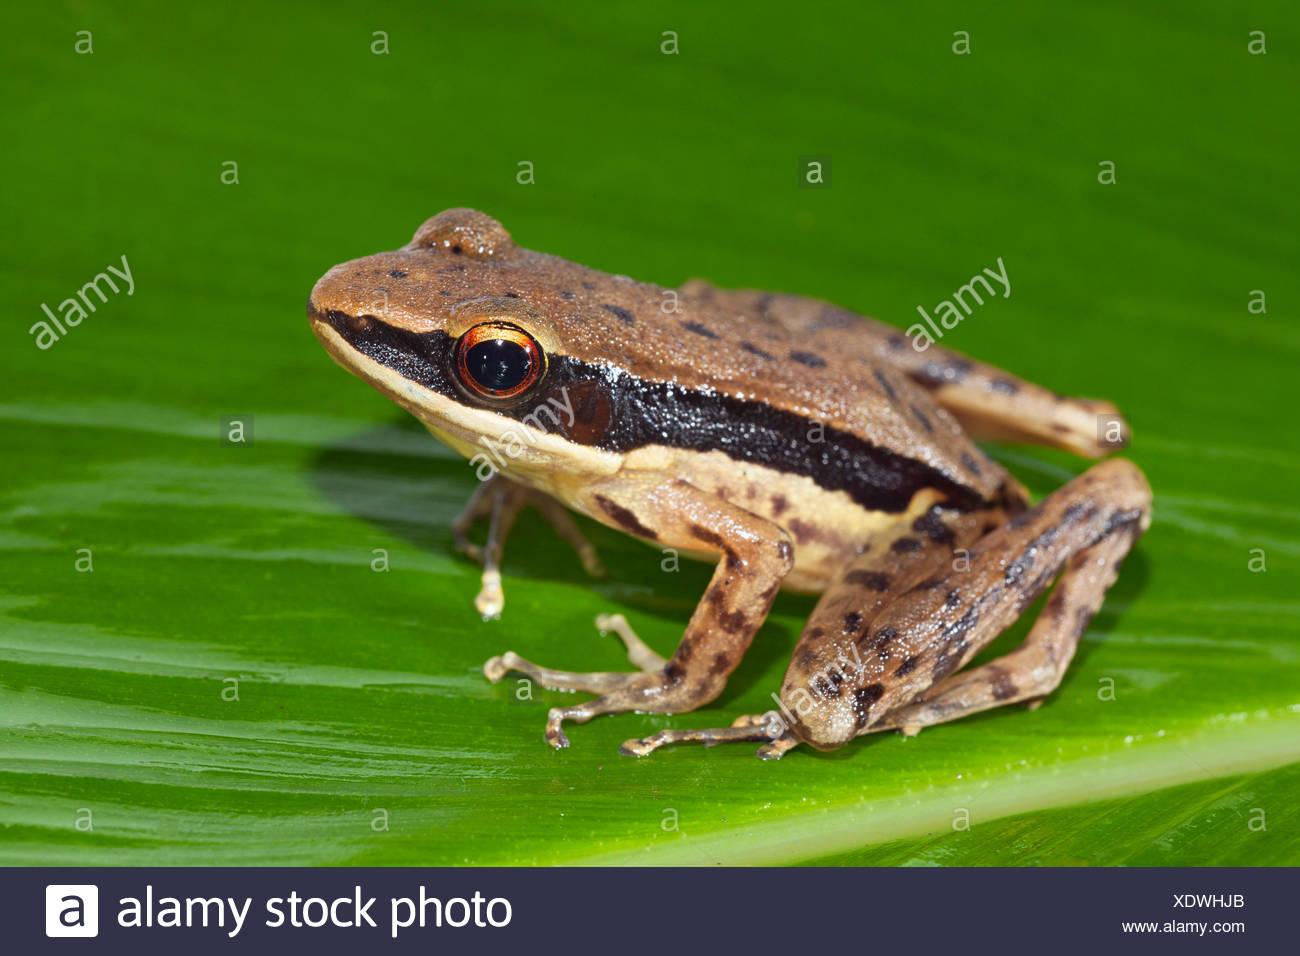 dark-sides frog on green leaf - Stock Image